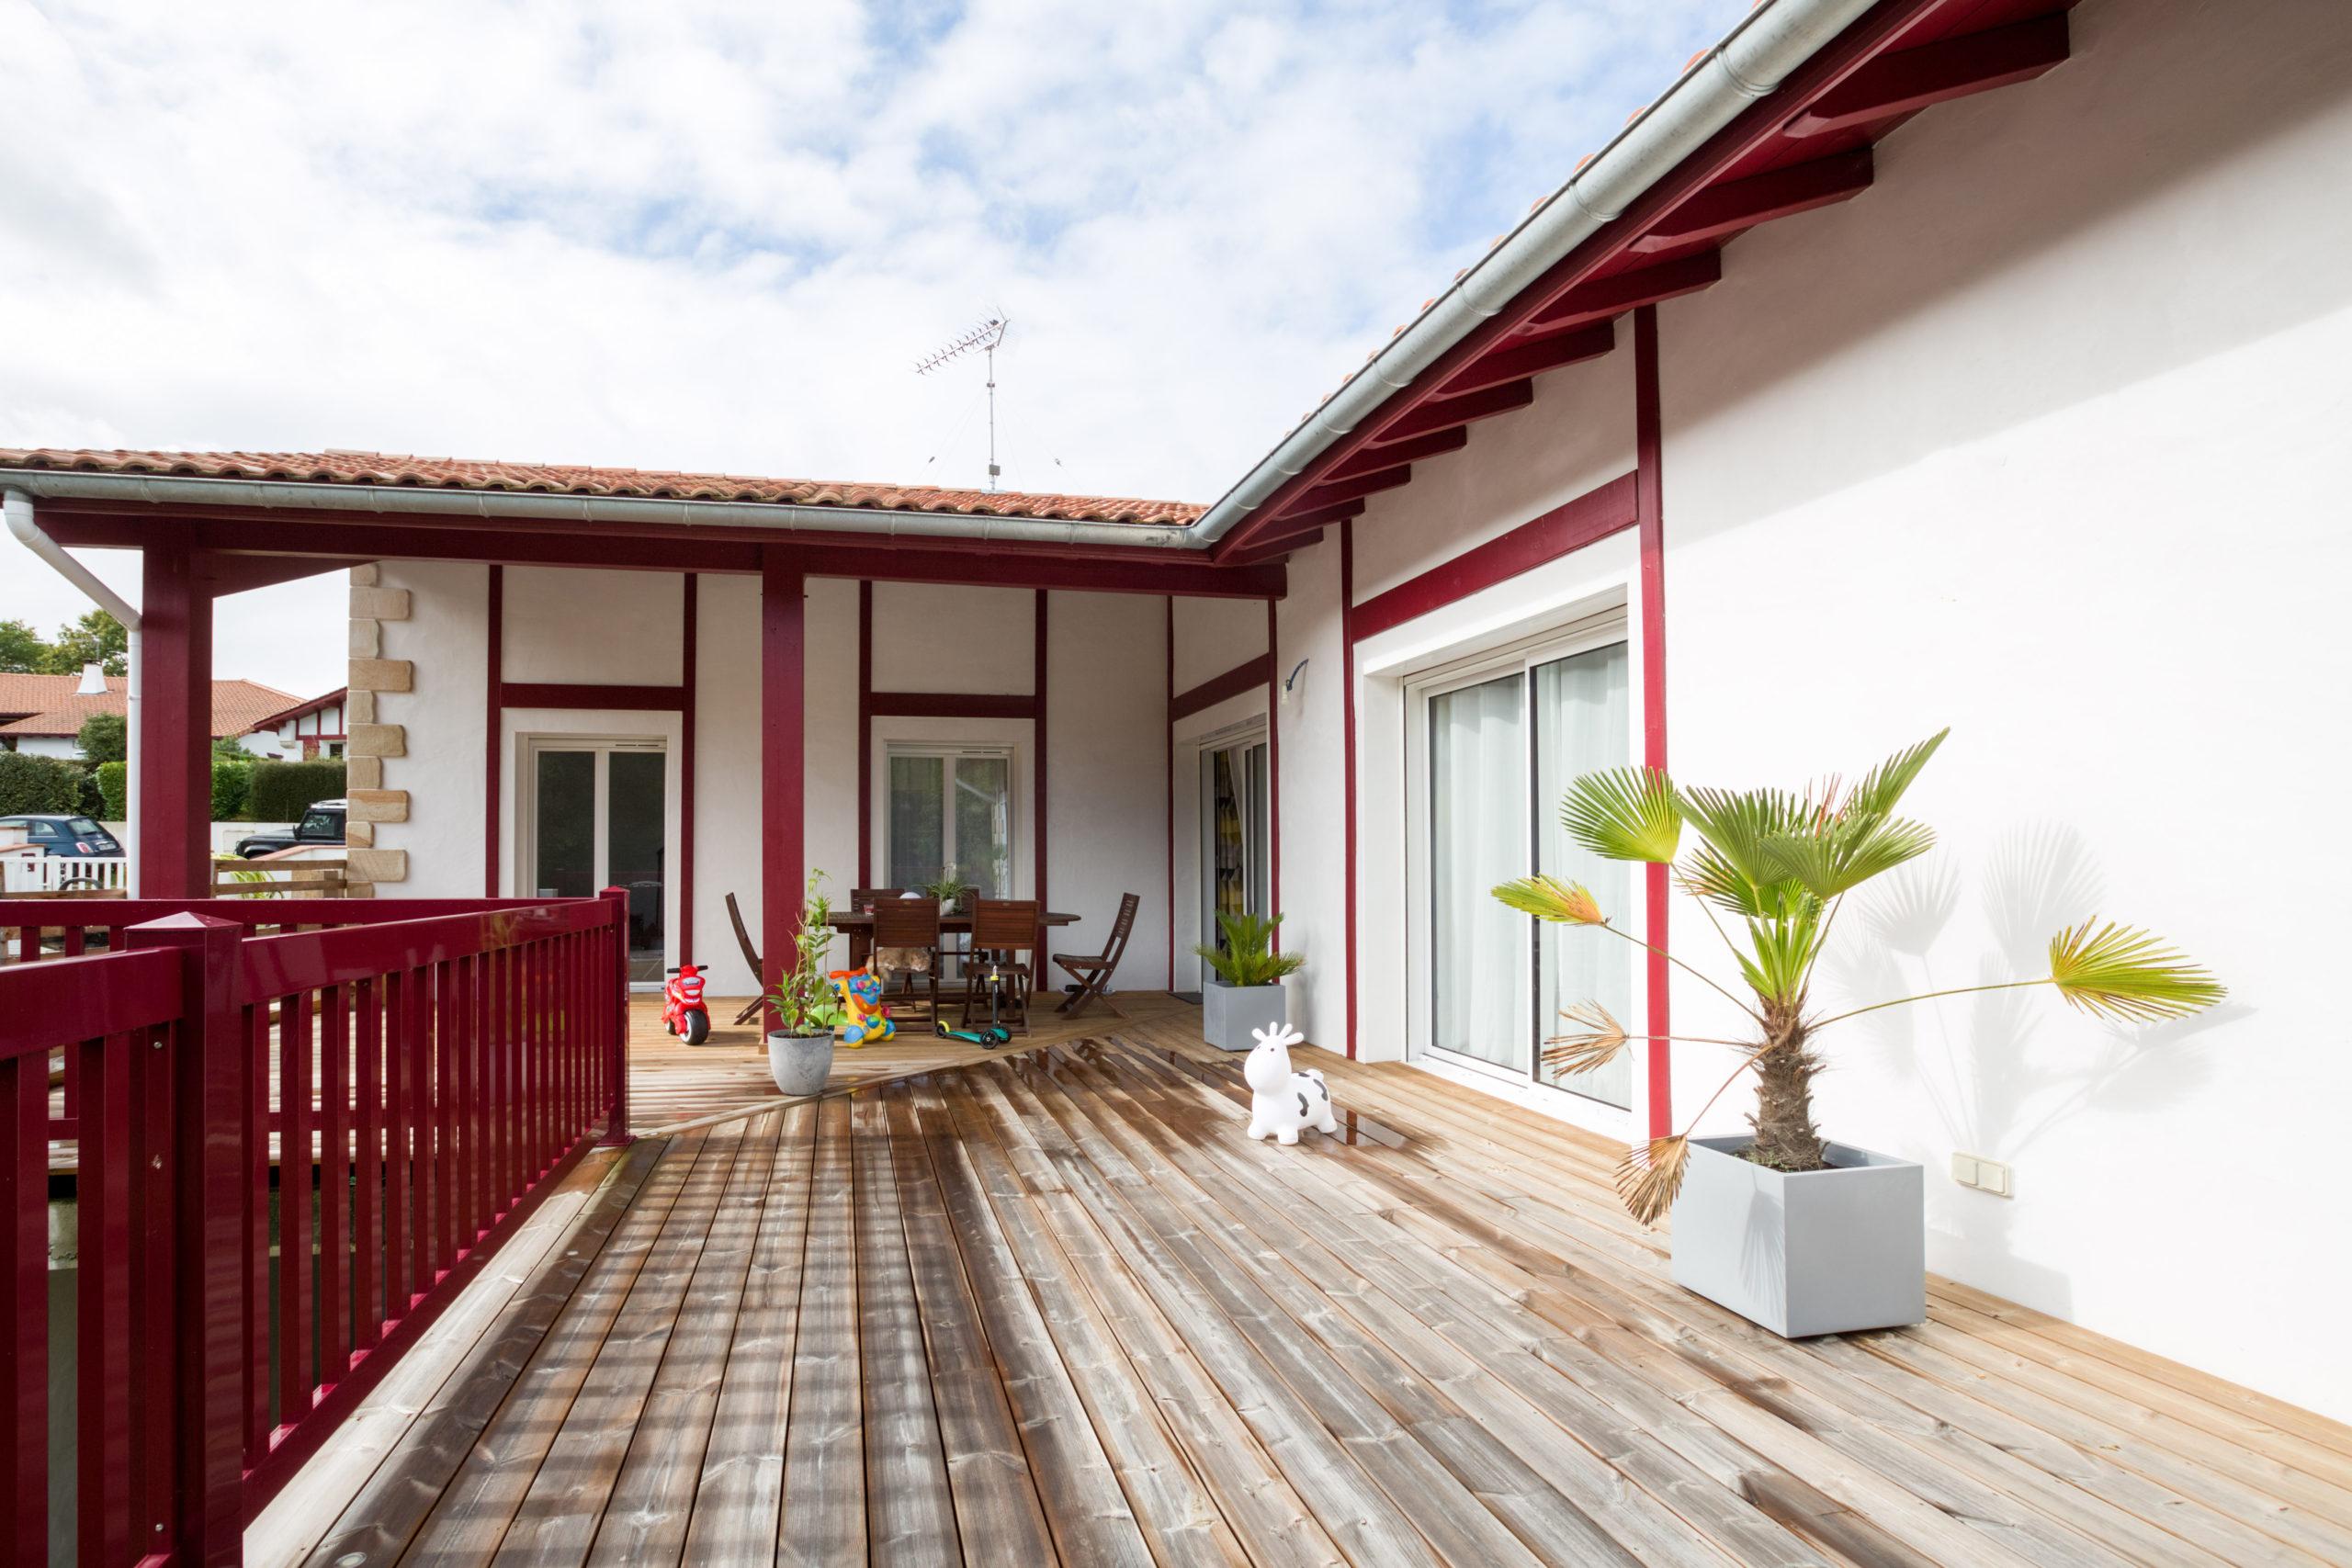 Atelier Plurielles Architectures - Maison Basque à Briscous - terrasse